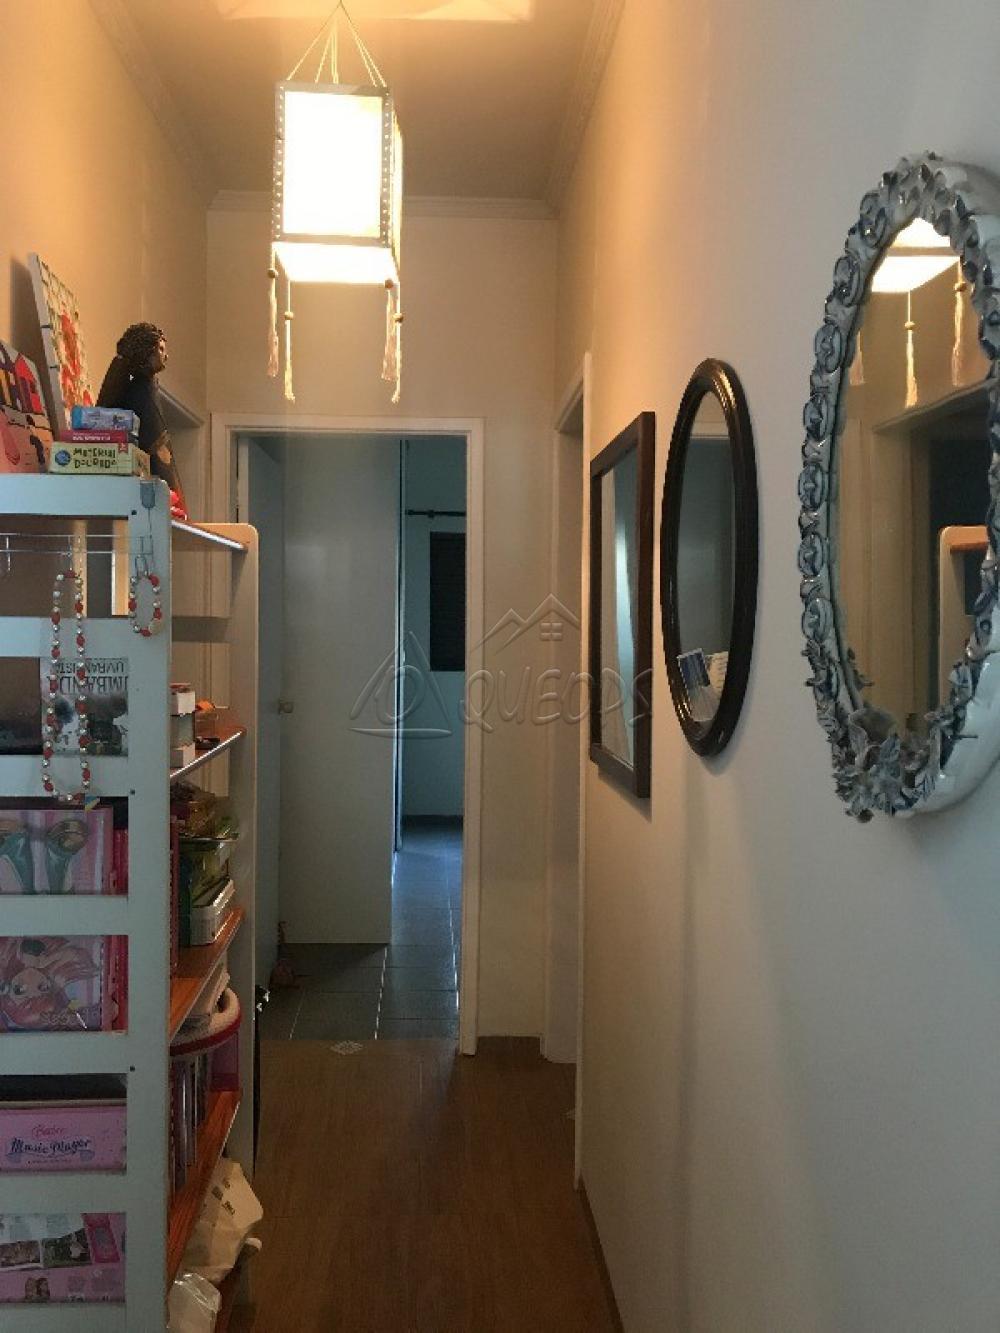 Comprar Casa / Padrão em Barretos R$ 530.000,00 - Foto 12